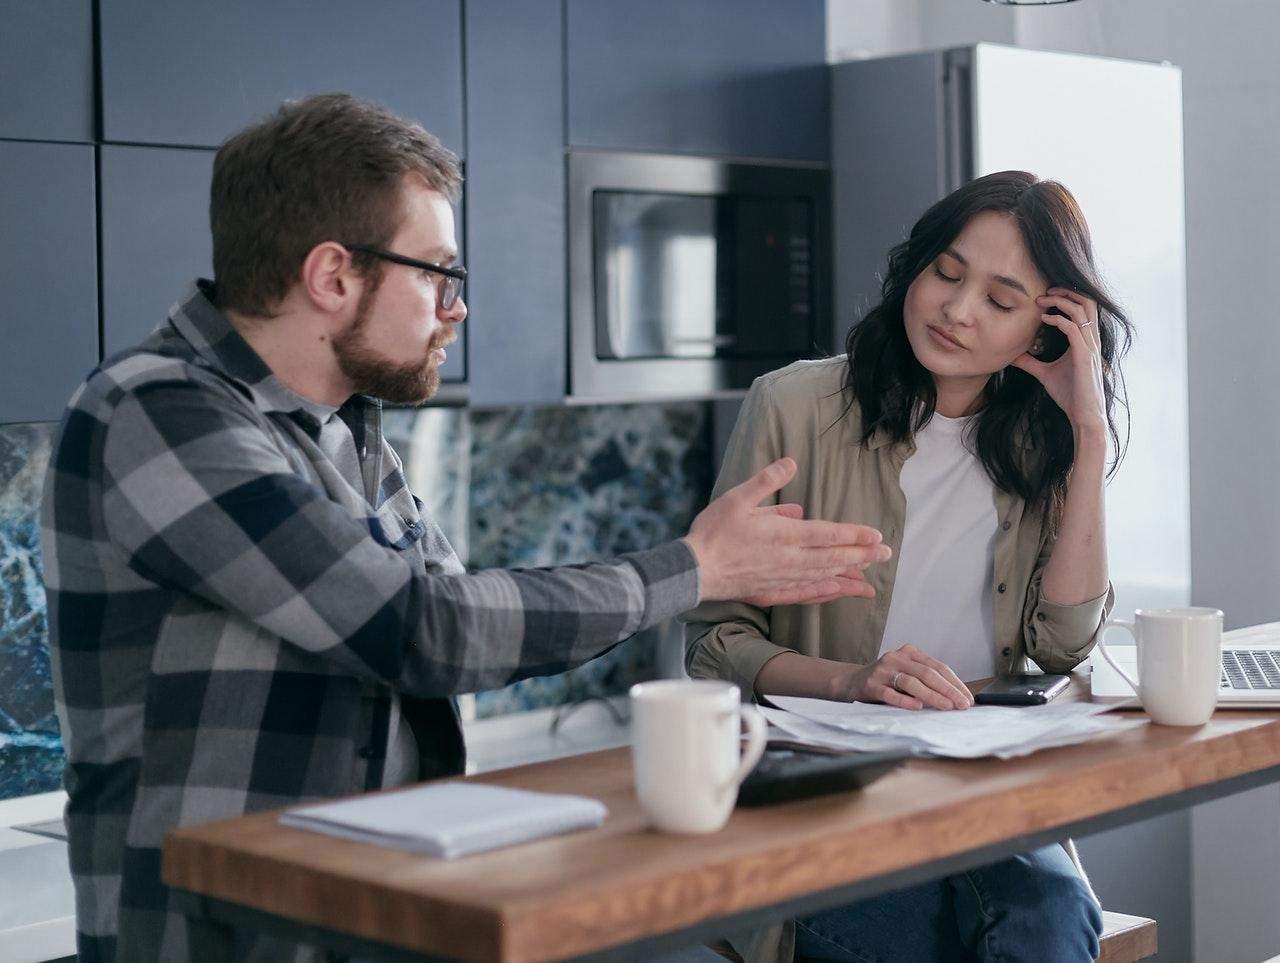 На початку стосунків варто з'ясувати ваші кар'єрні плани